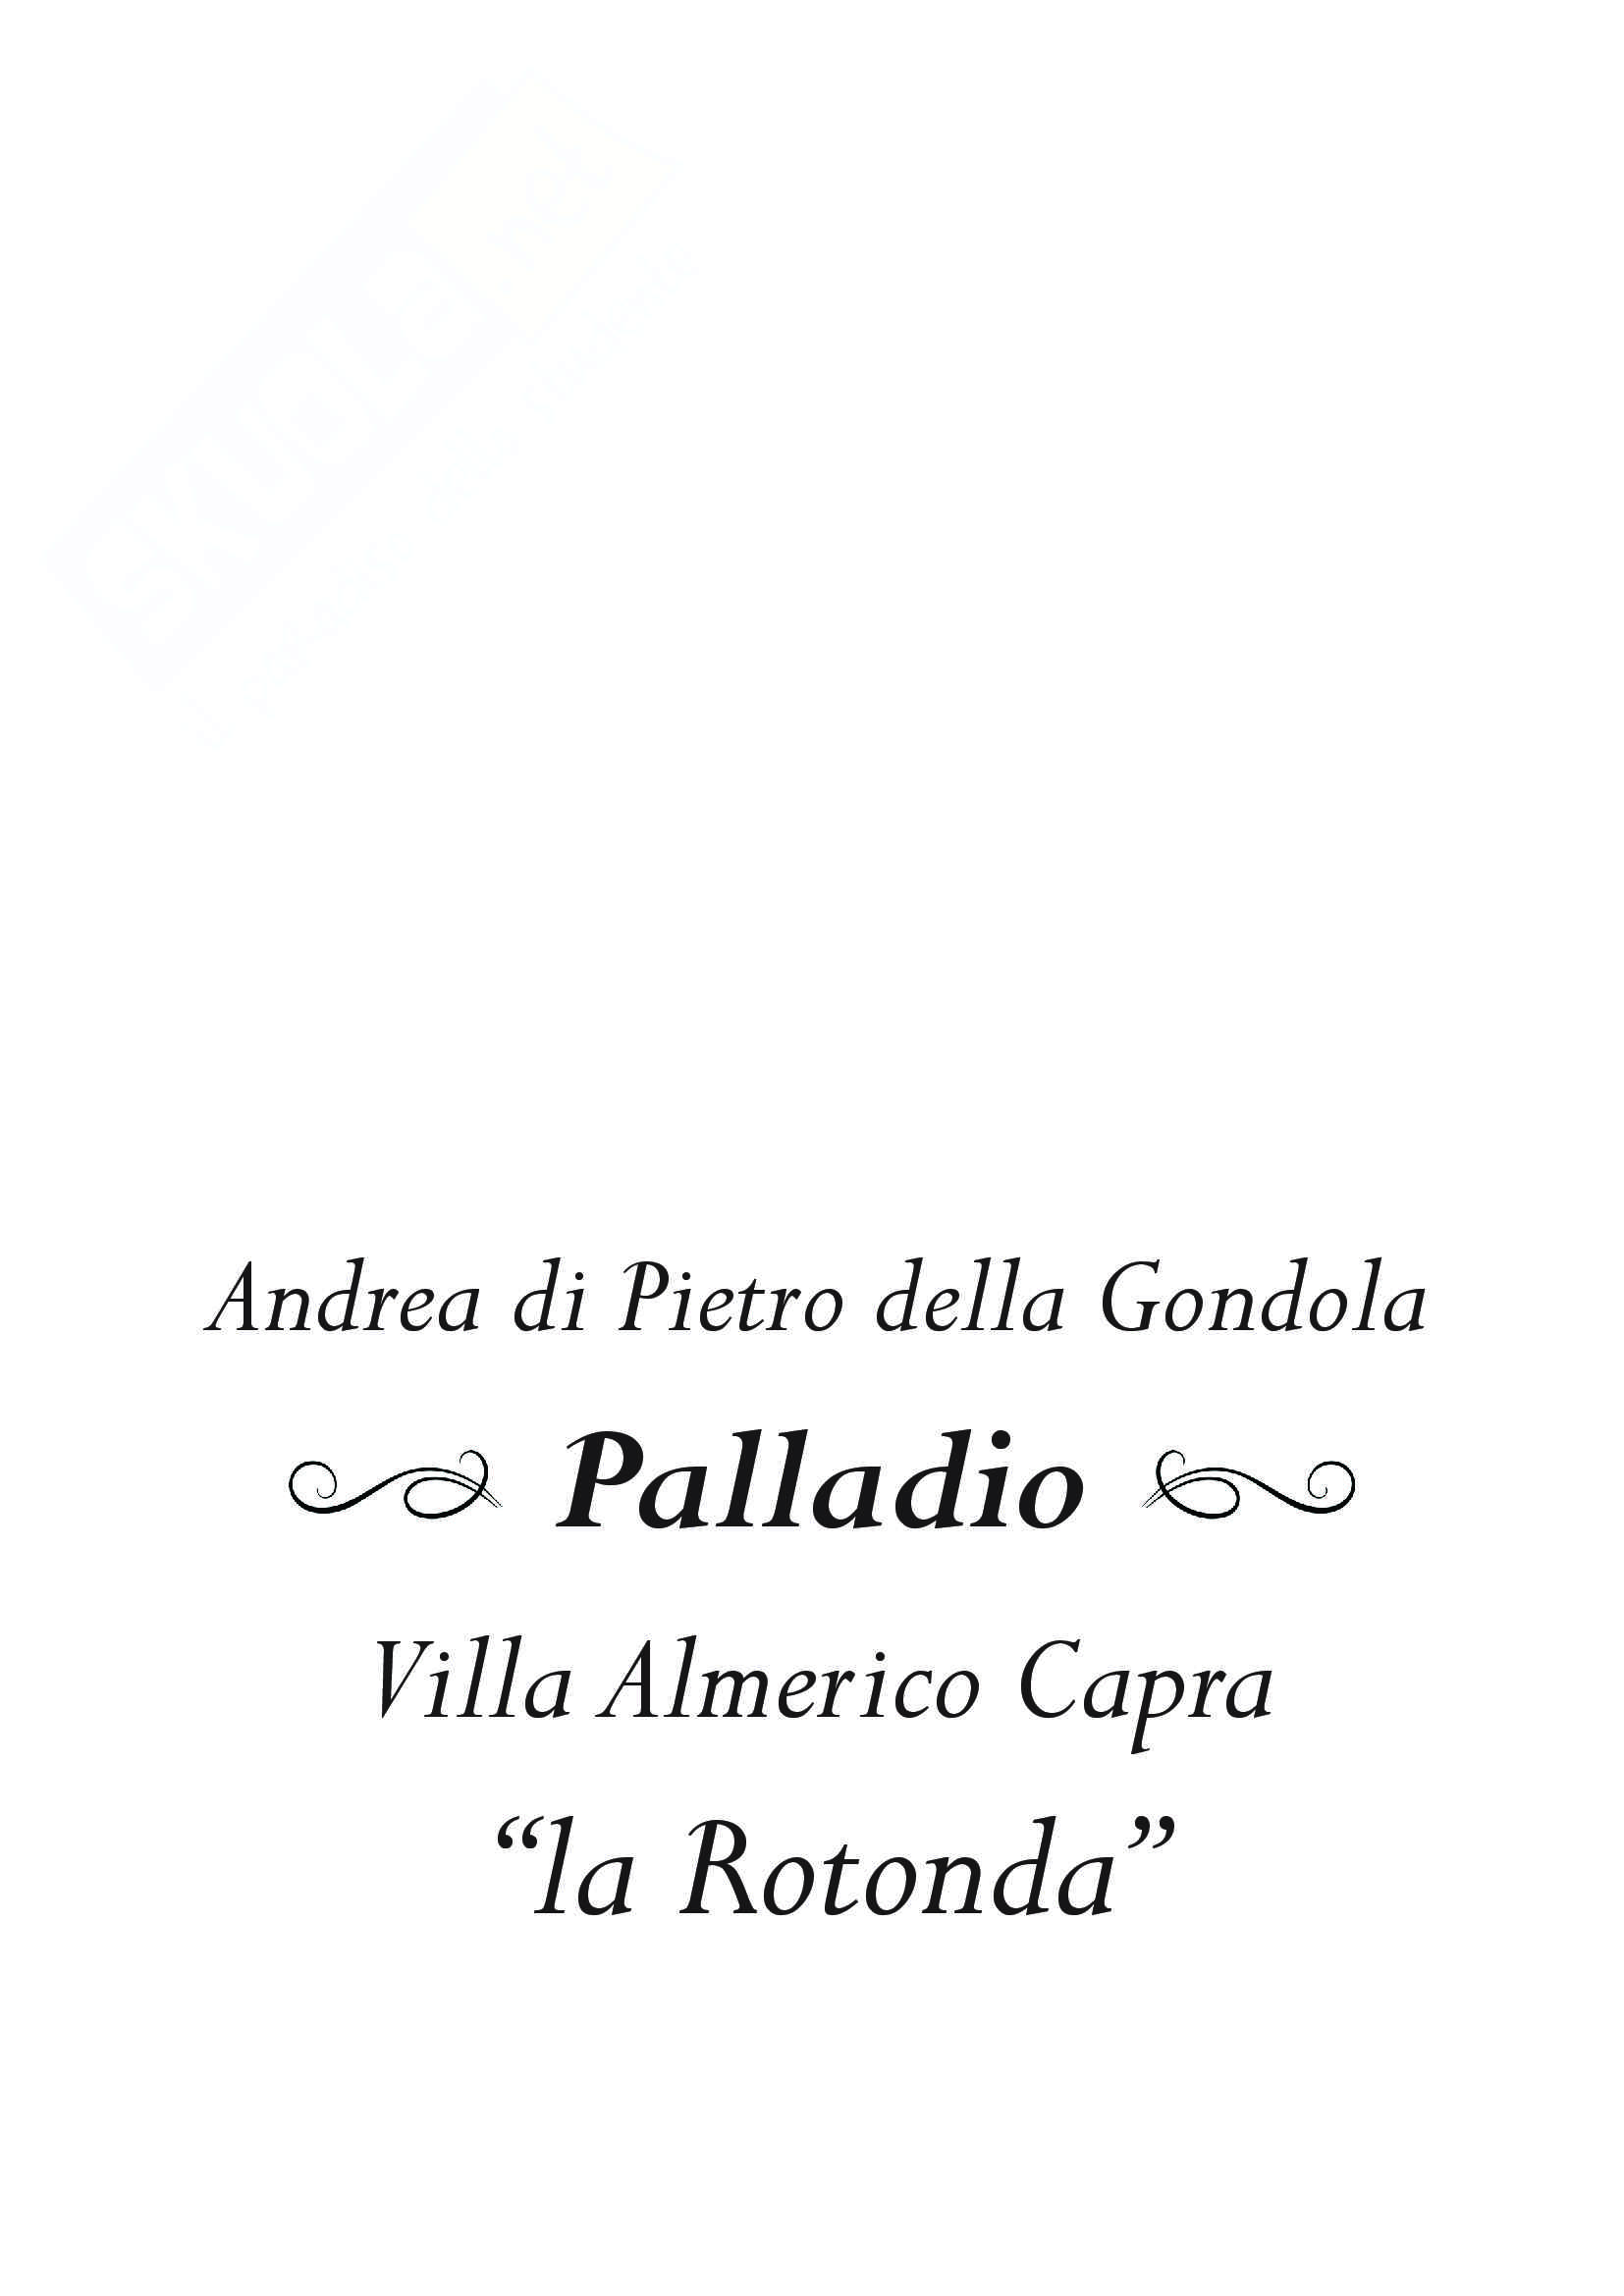 Approfondimento Palladio e La Rotonda: Storia dell'architettura moderna